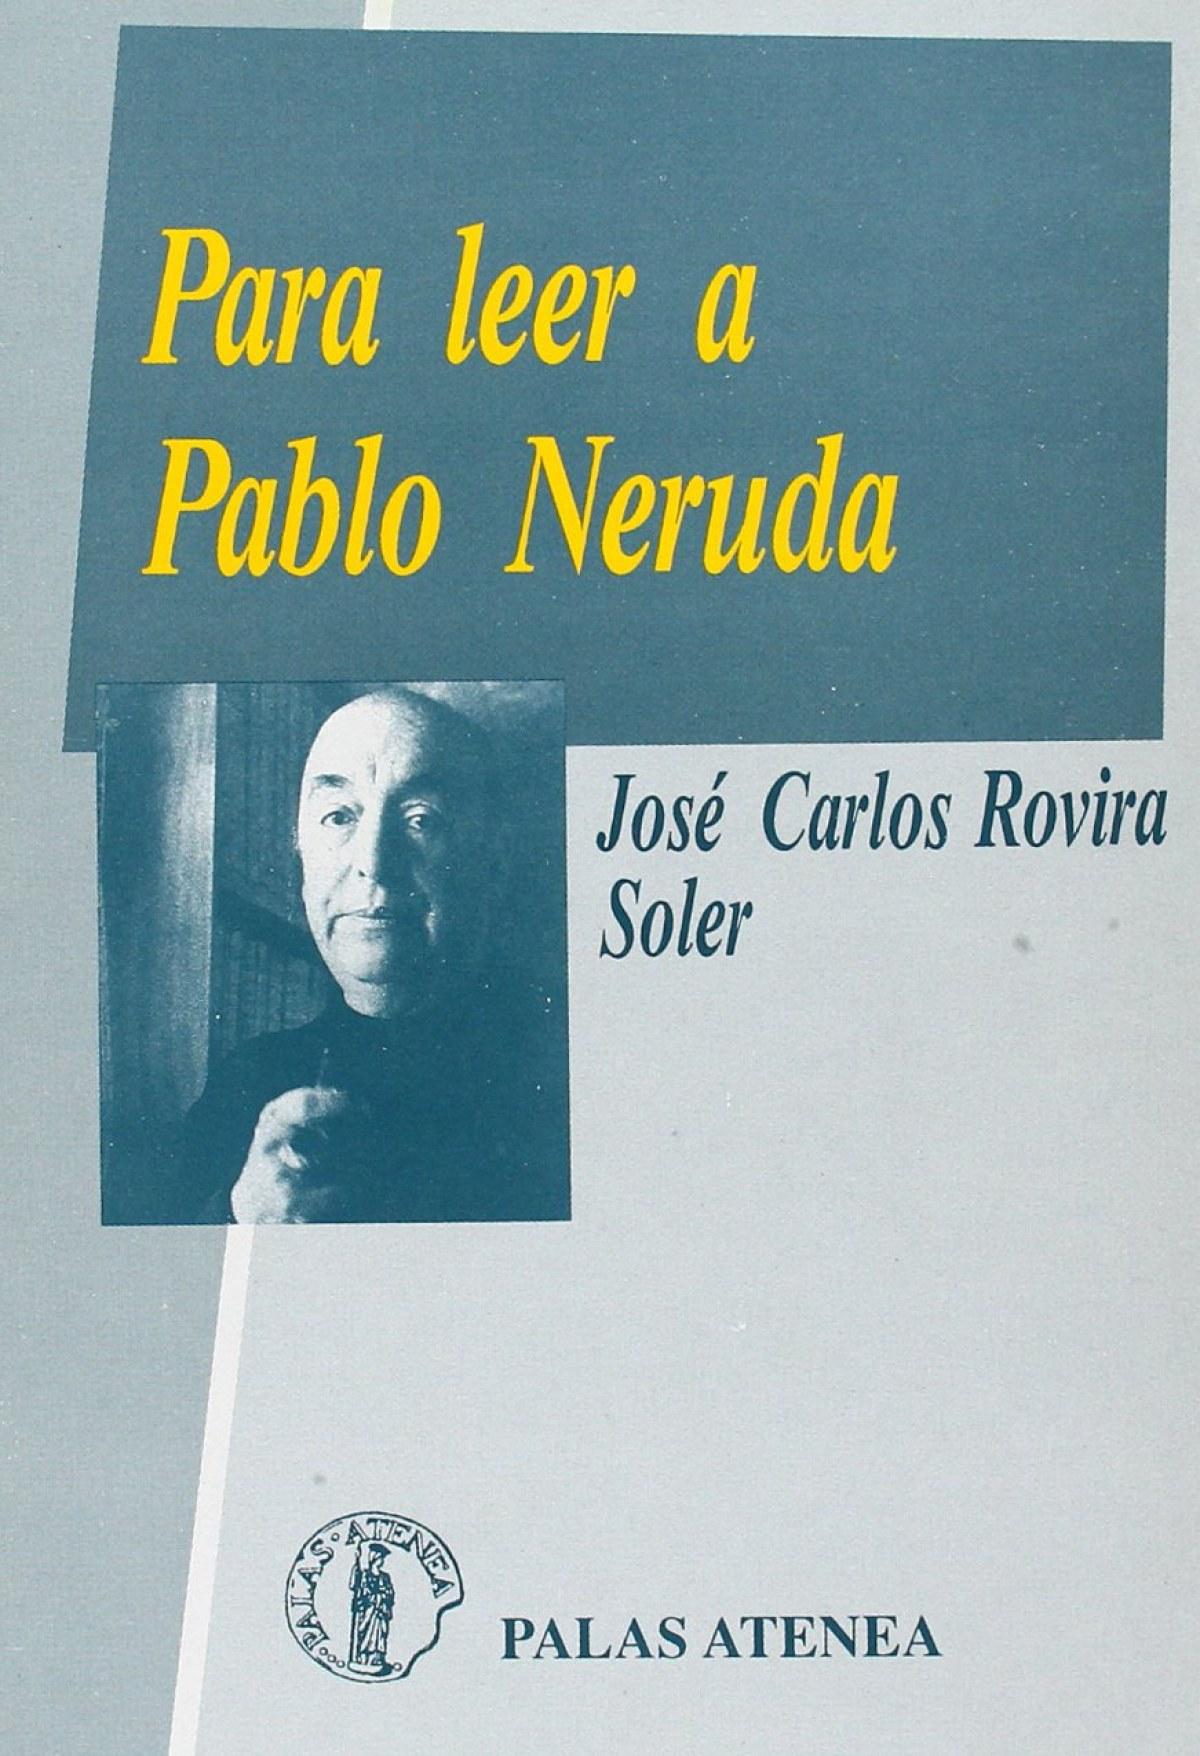 Para leer a Pablo Neruda 9788478170166